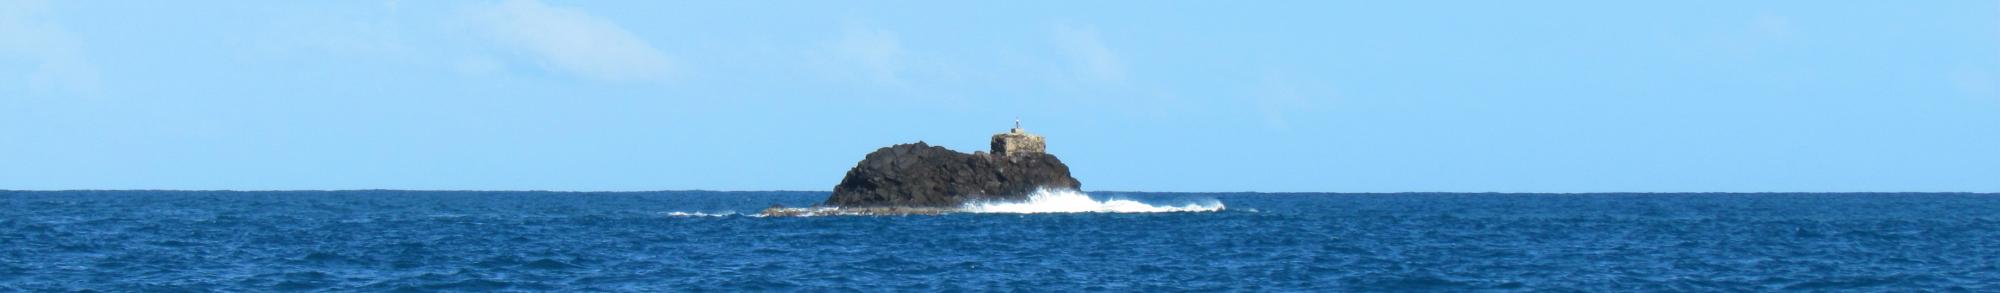 Reif für die Inseln